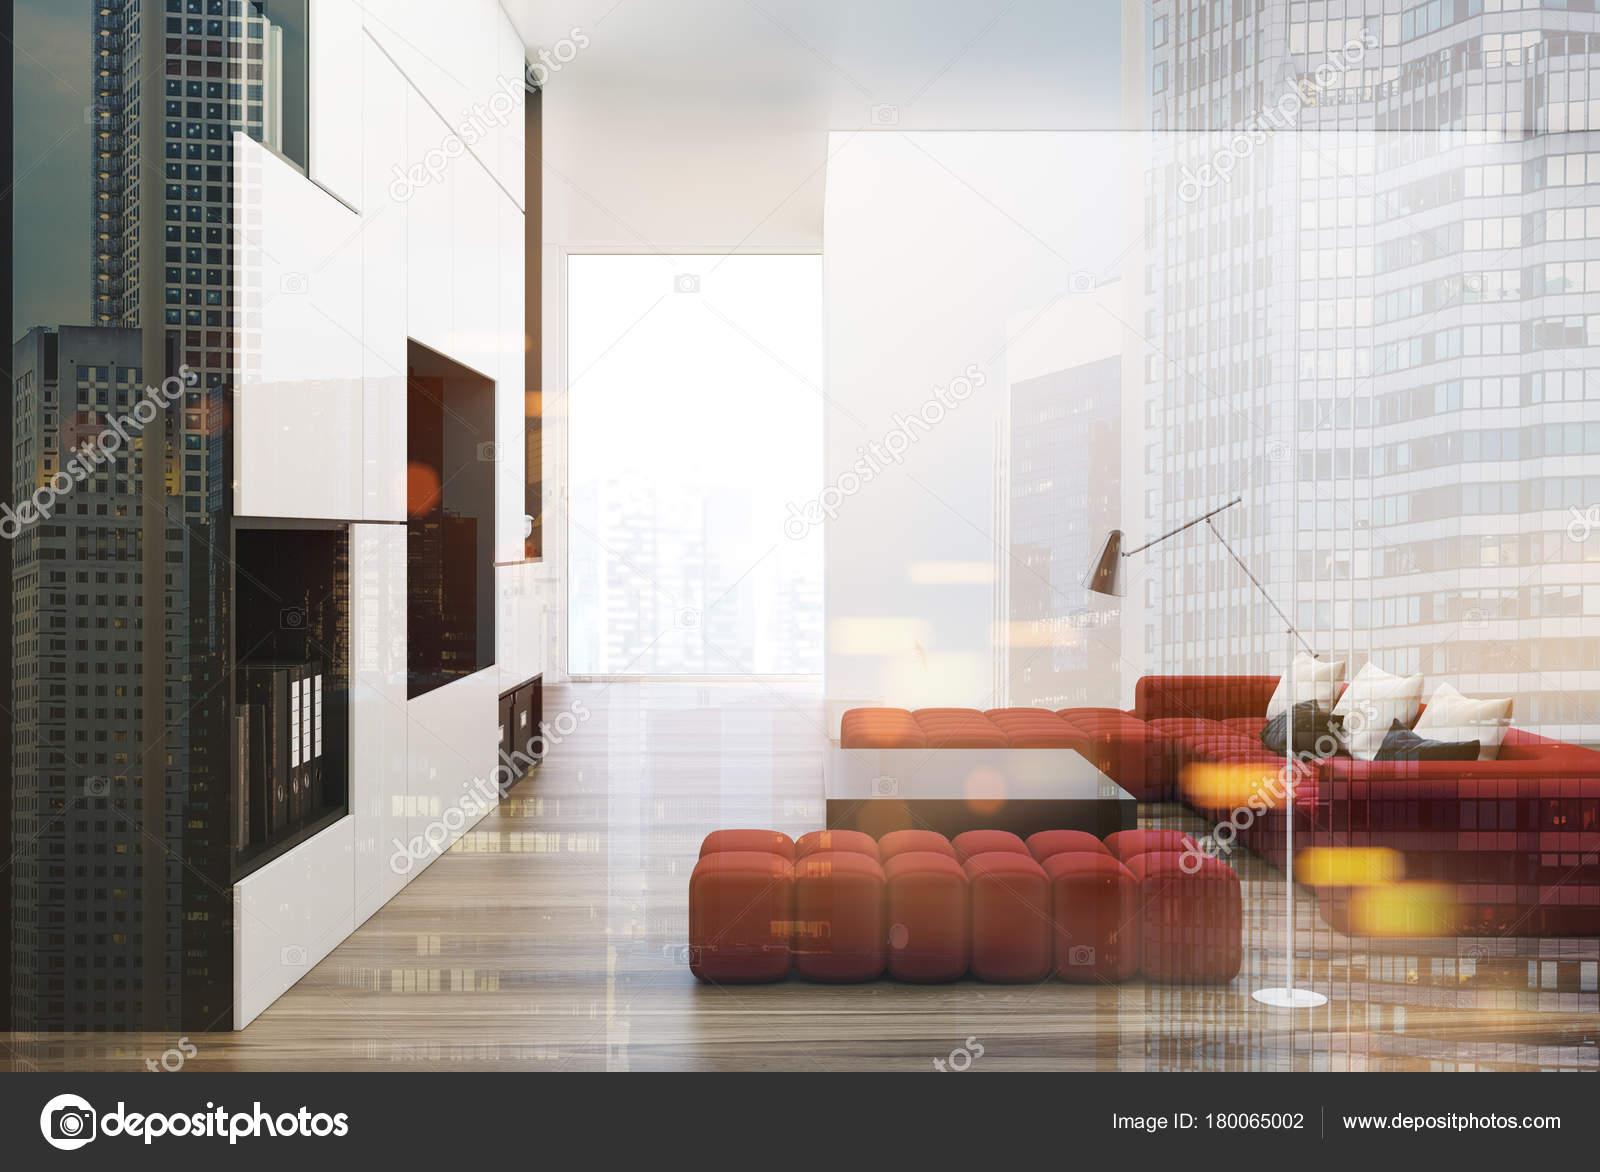 Weiße Und Schwarze Wohnzimmer Interieur Mit Einer Eingebauten Tv Set, Zwei  Weichen Roten Sofas Und Einem Quadratischen Couchtisch.